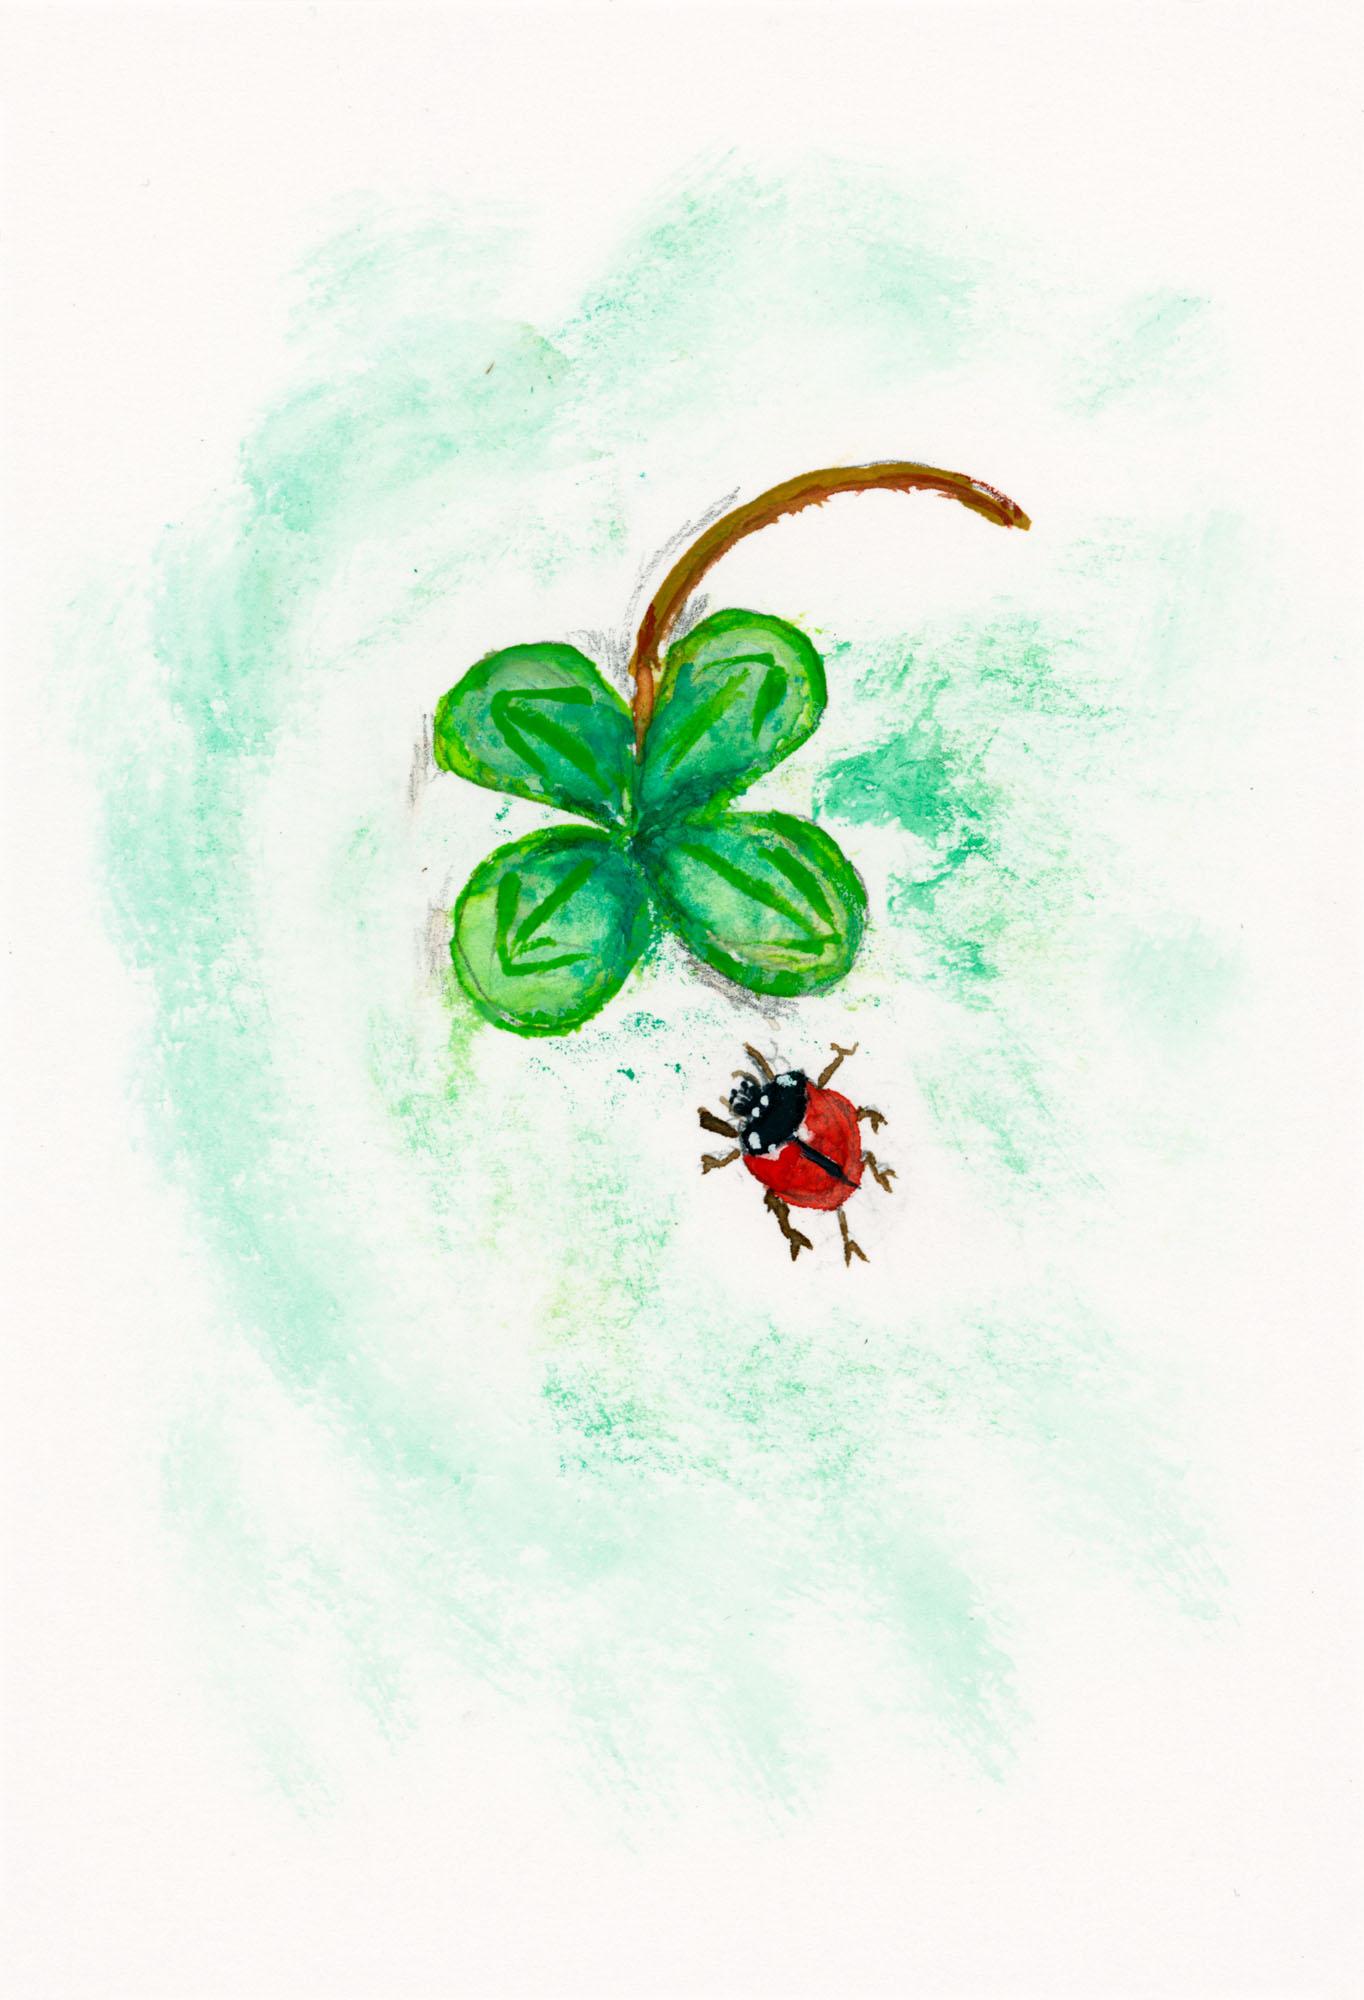 Glücksklee mit Käferchen